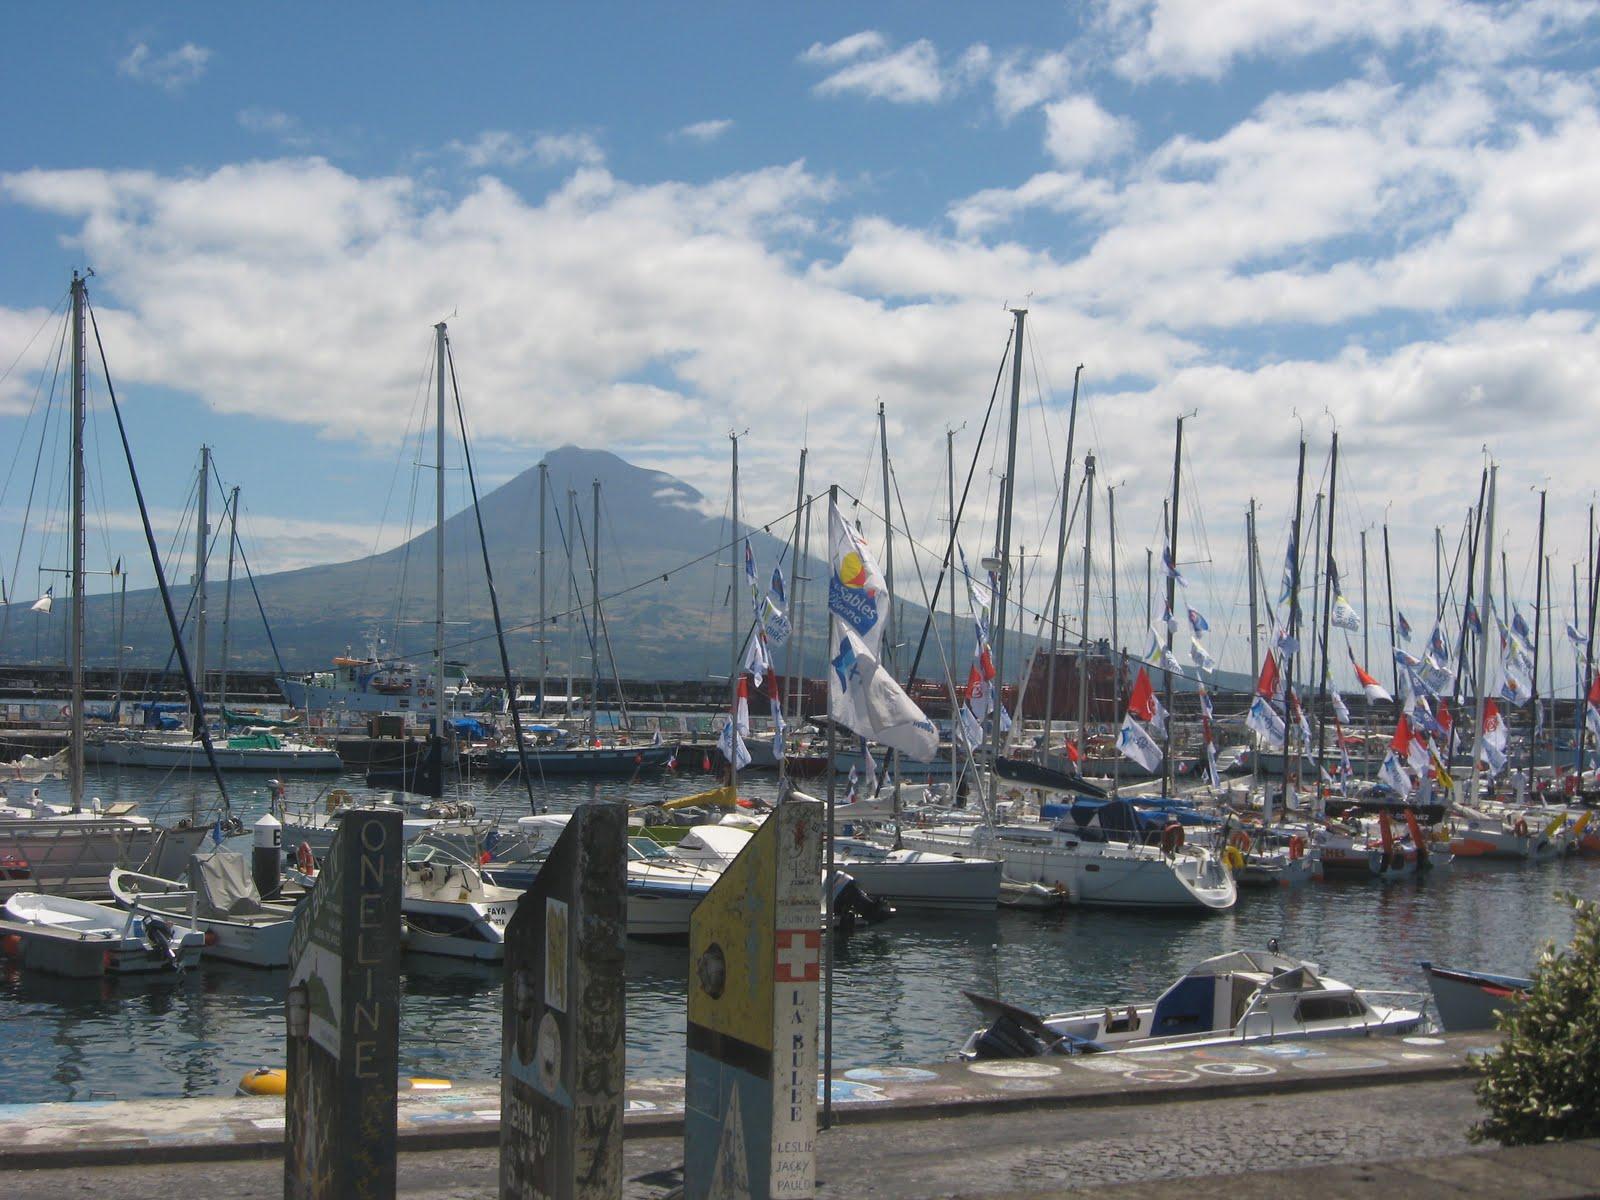 PJ detém mais de uma tonelada de cocaína dissimulada num veleiro no Faial